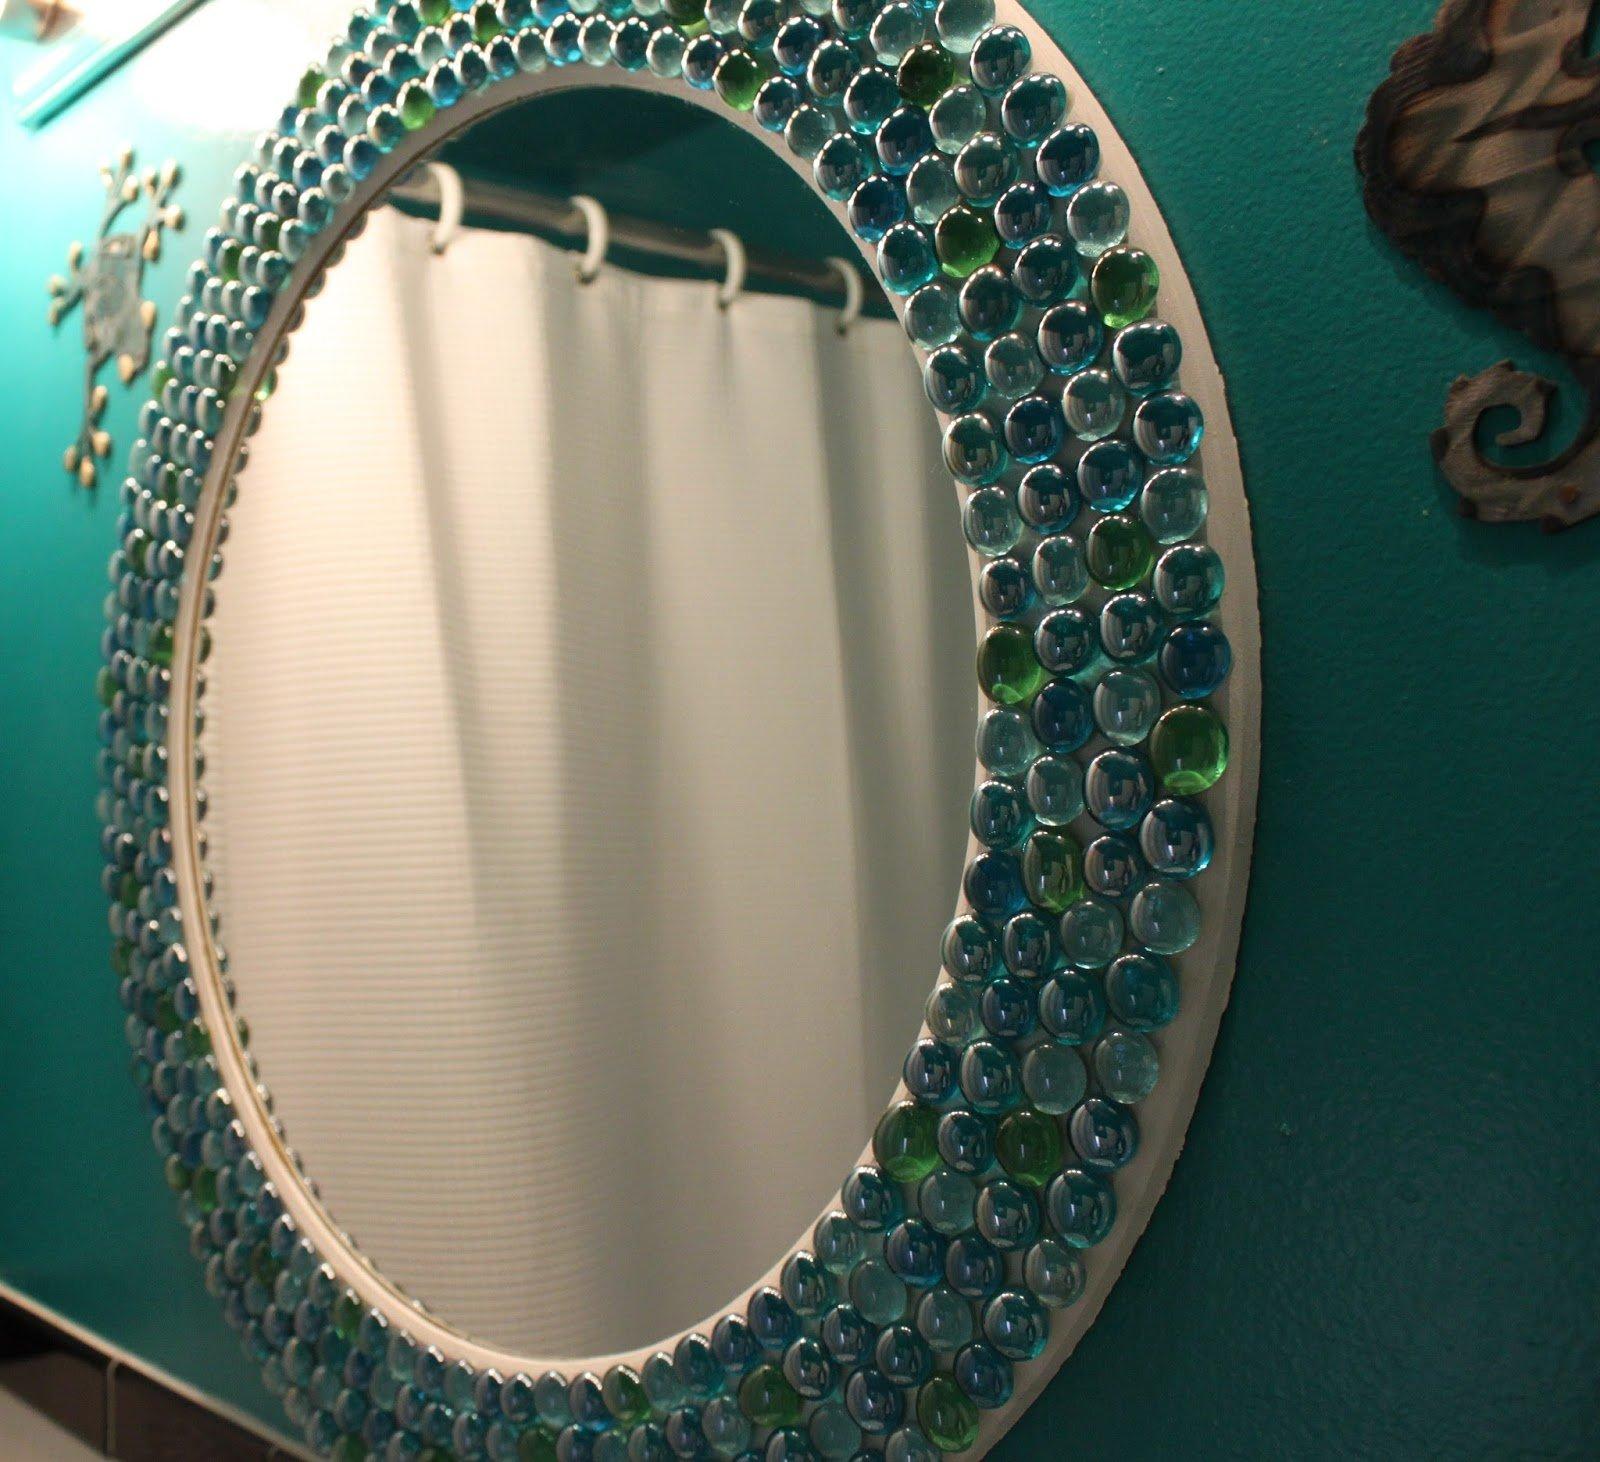 некоторых как можно оформить зеркало своими руками фото основном семенами, так